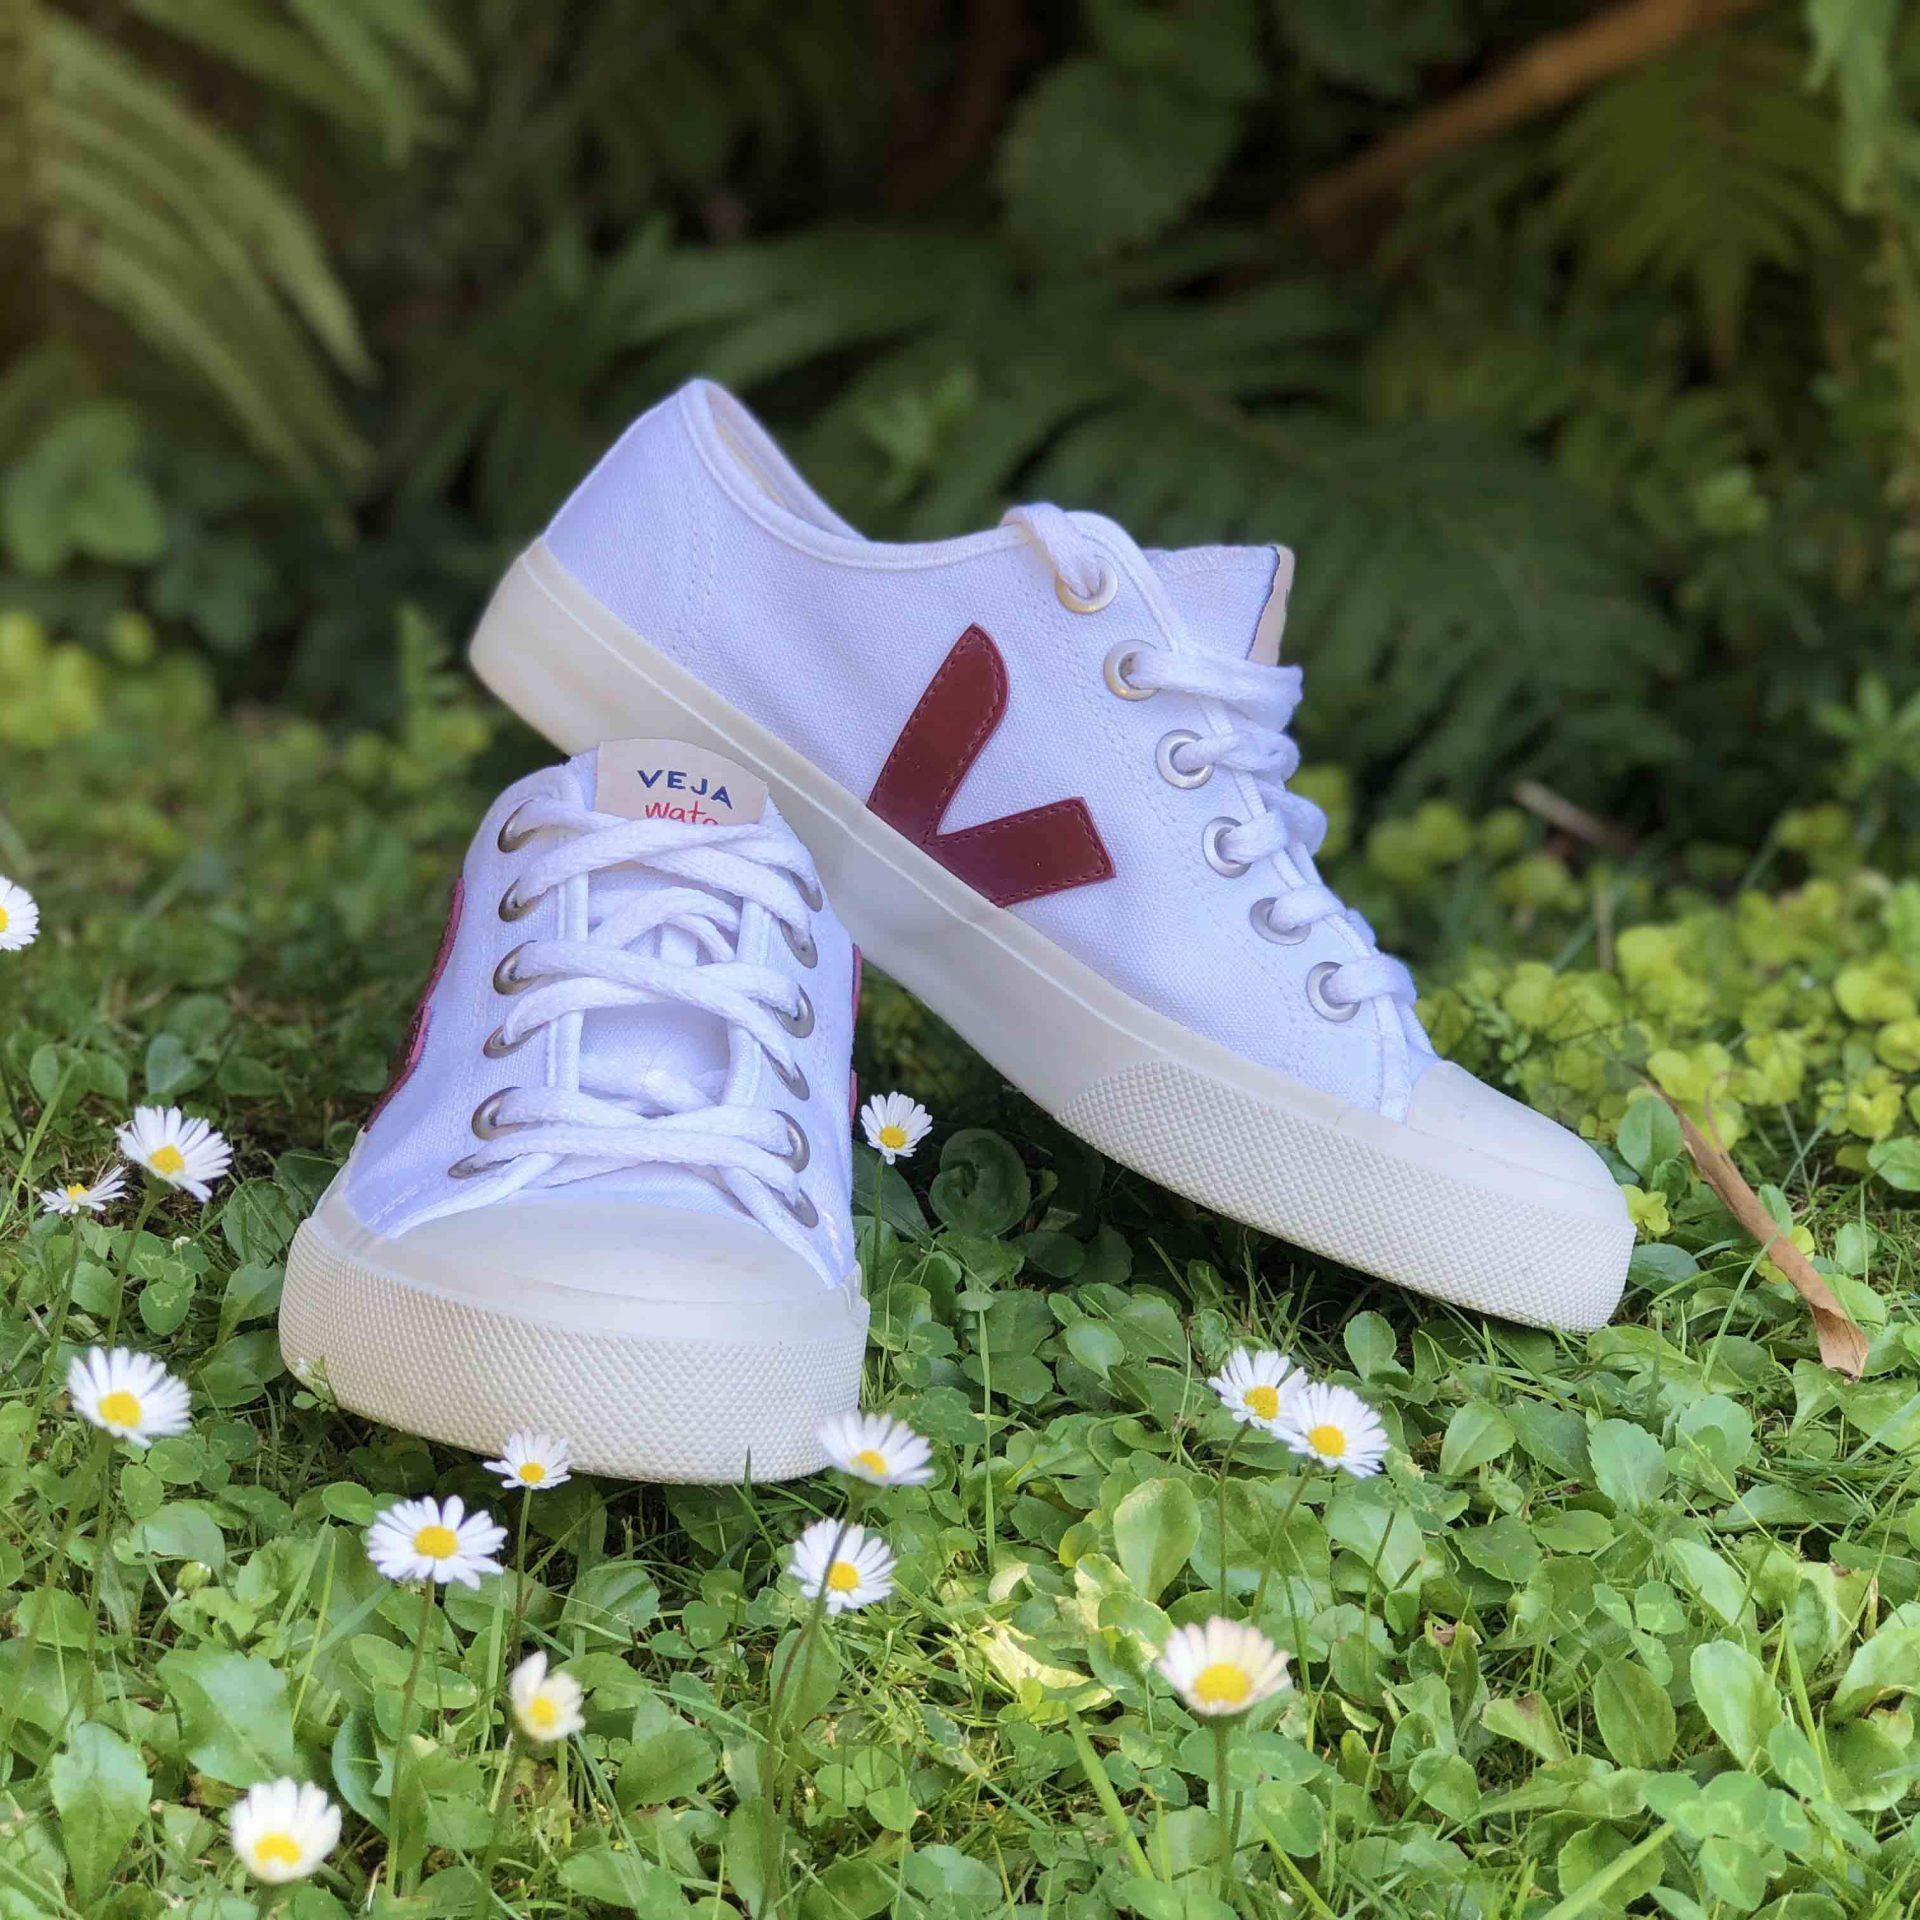 5c29422dcecc6e Vegane Schuhe bei Anifree Shoes  Ein authentischer Online-Shop mit Herz